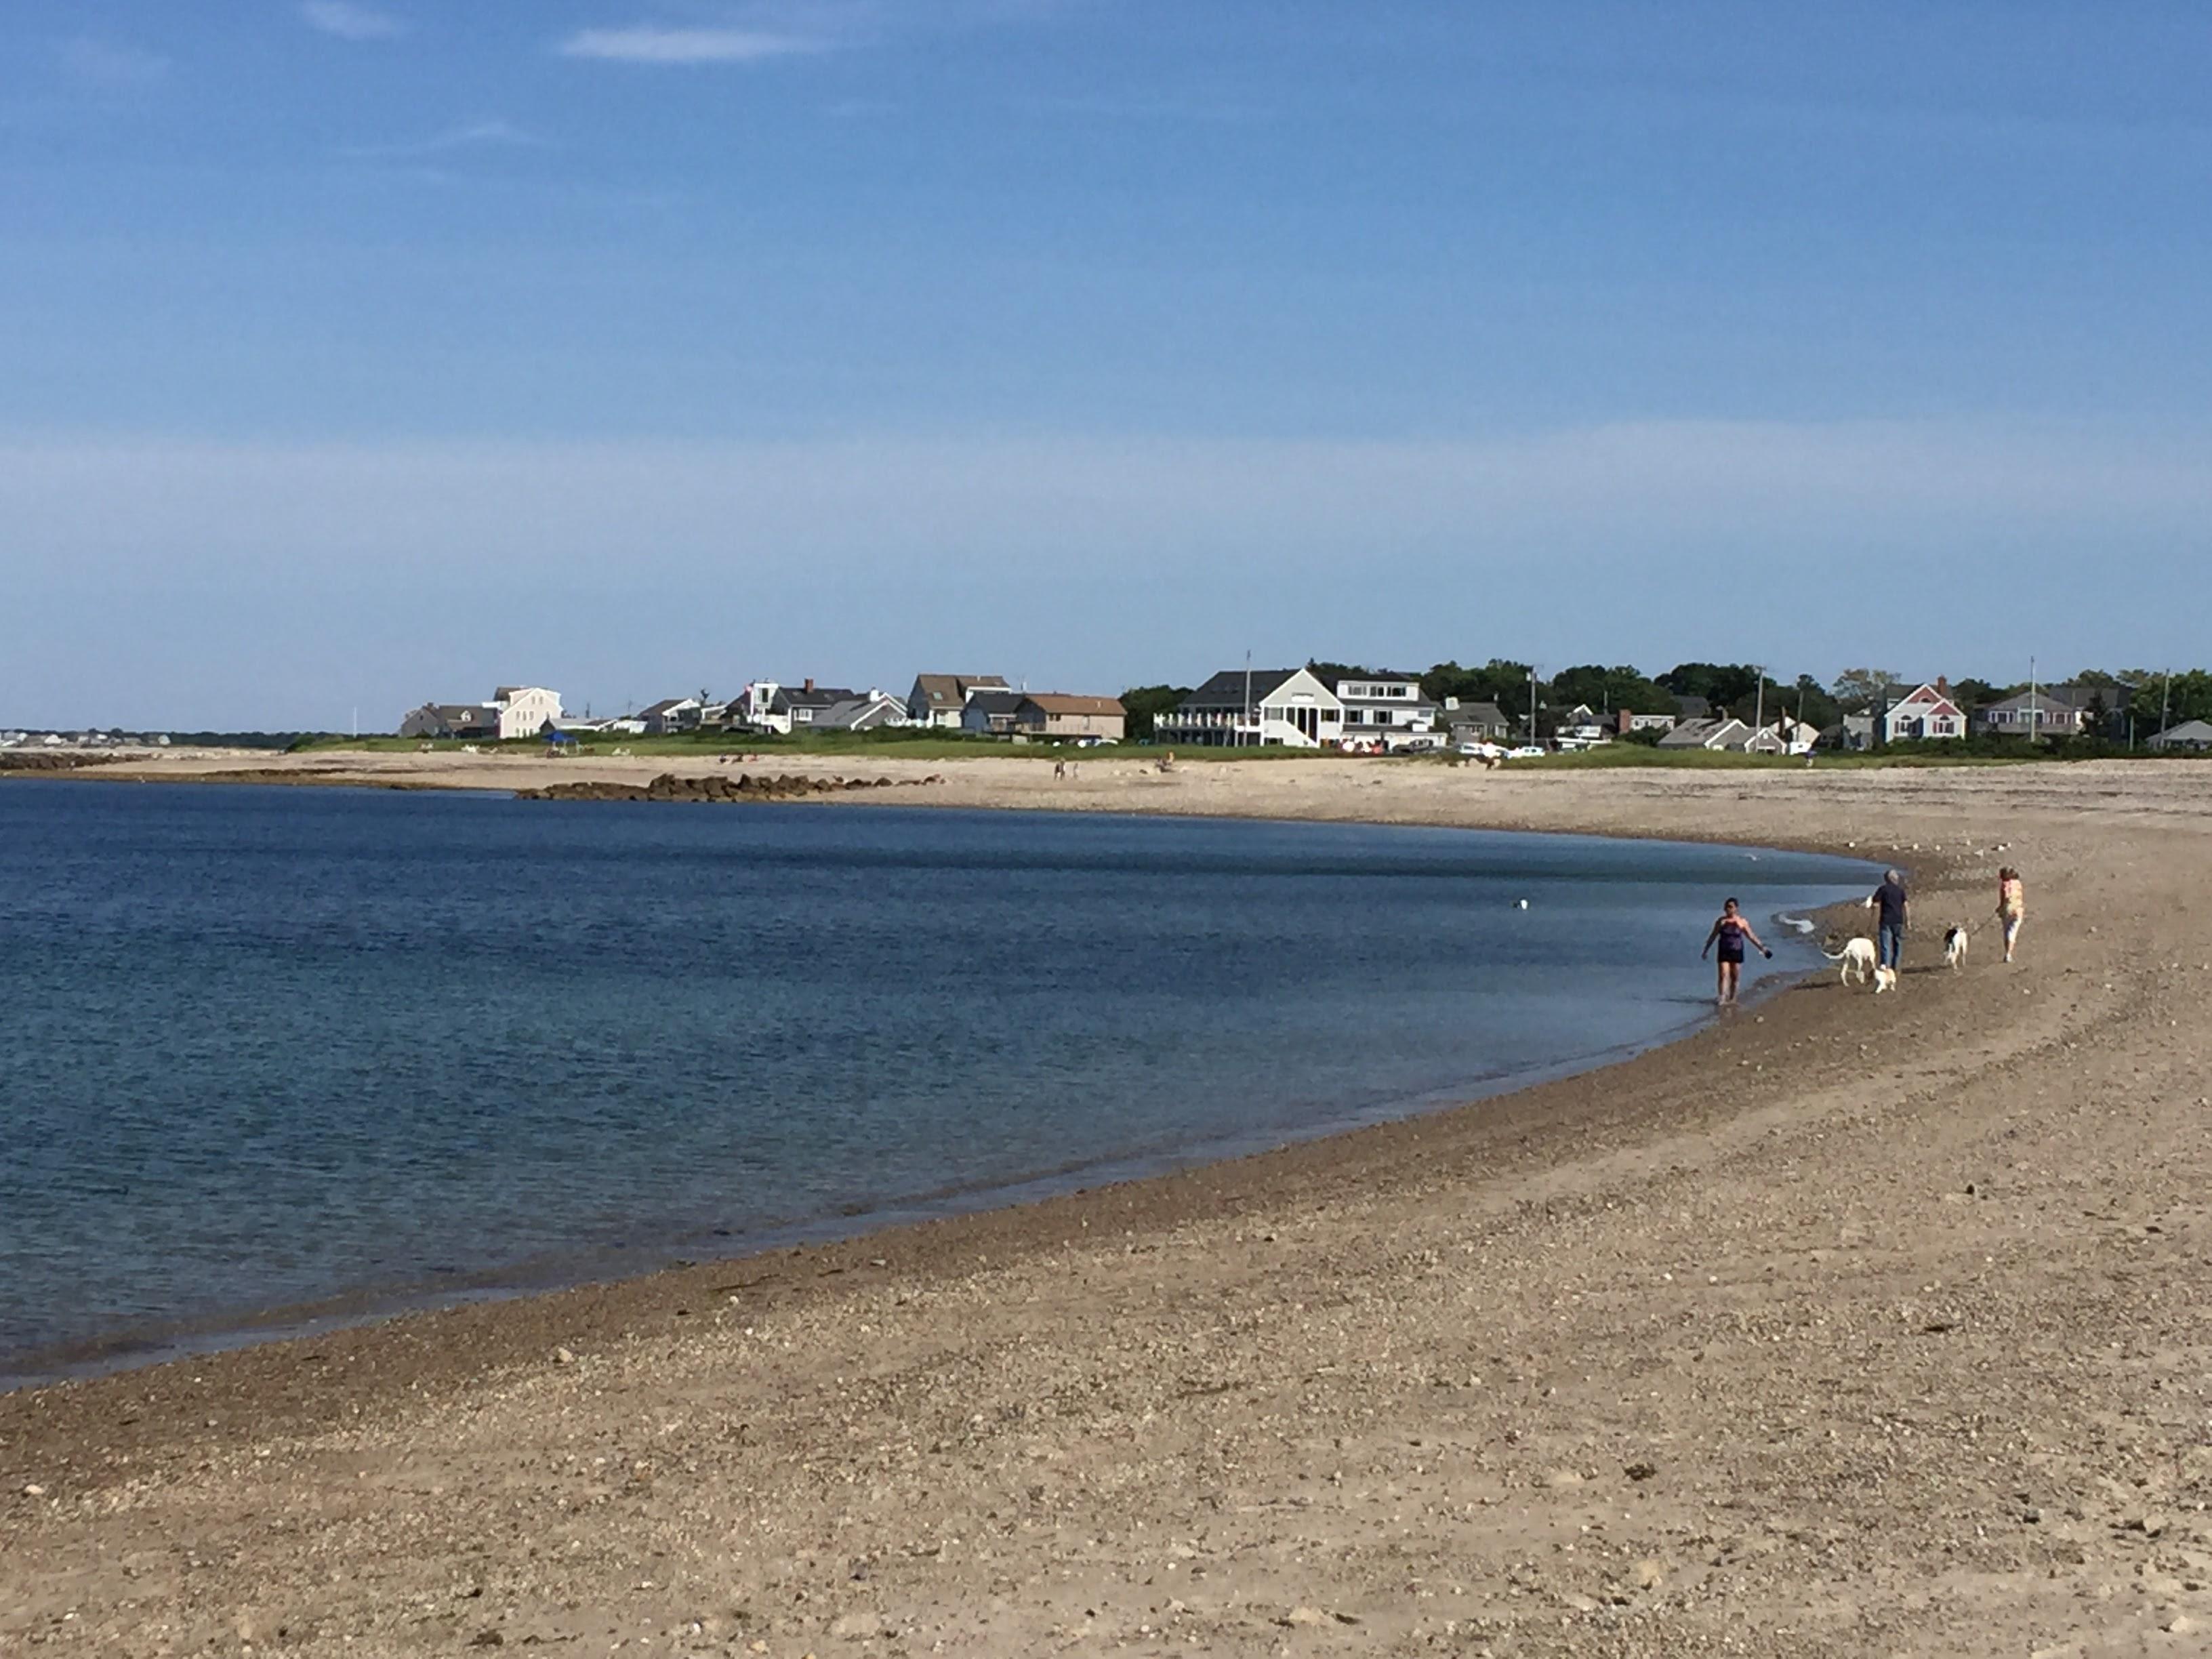 2017-07-10 Cape Cod Beach